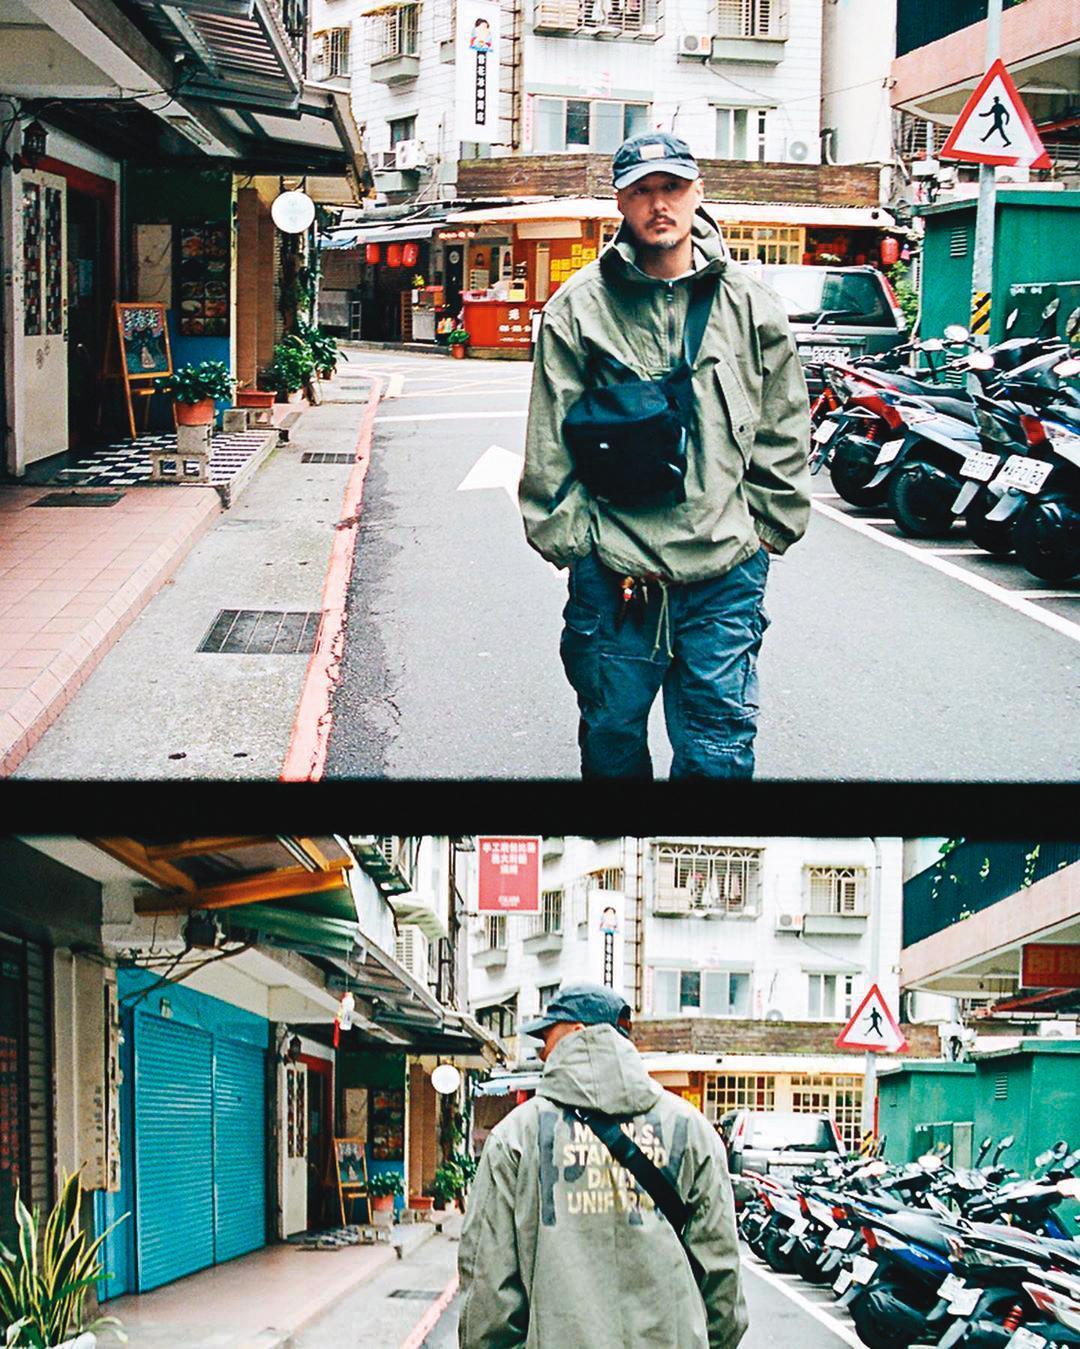 余文樂愛台灣,這幾年不斷在台投資副業,內容包括個人潮牌、茶餐廳及電競事業。(翻攝自余文樂IG)